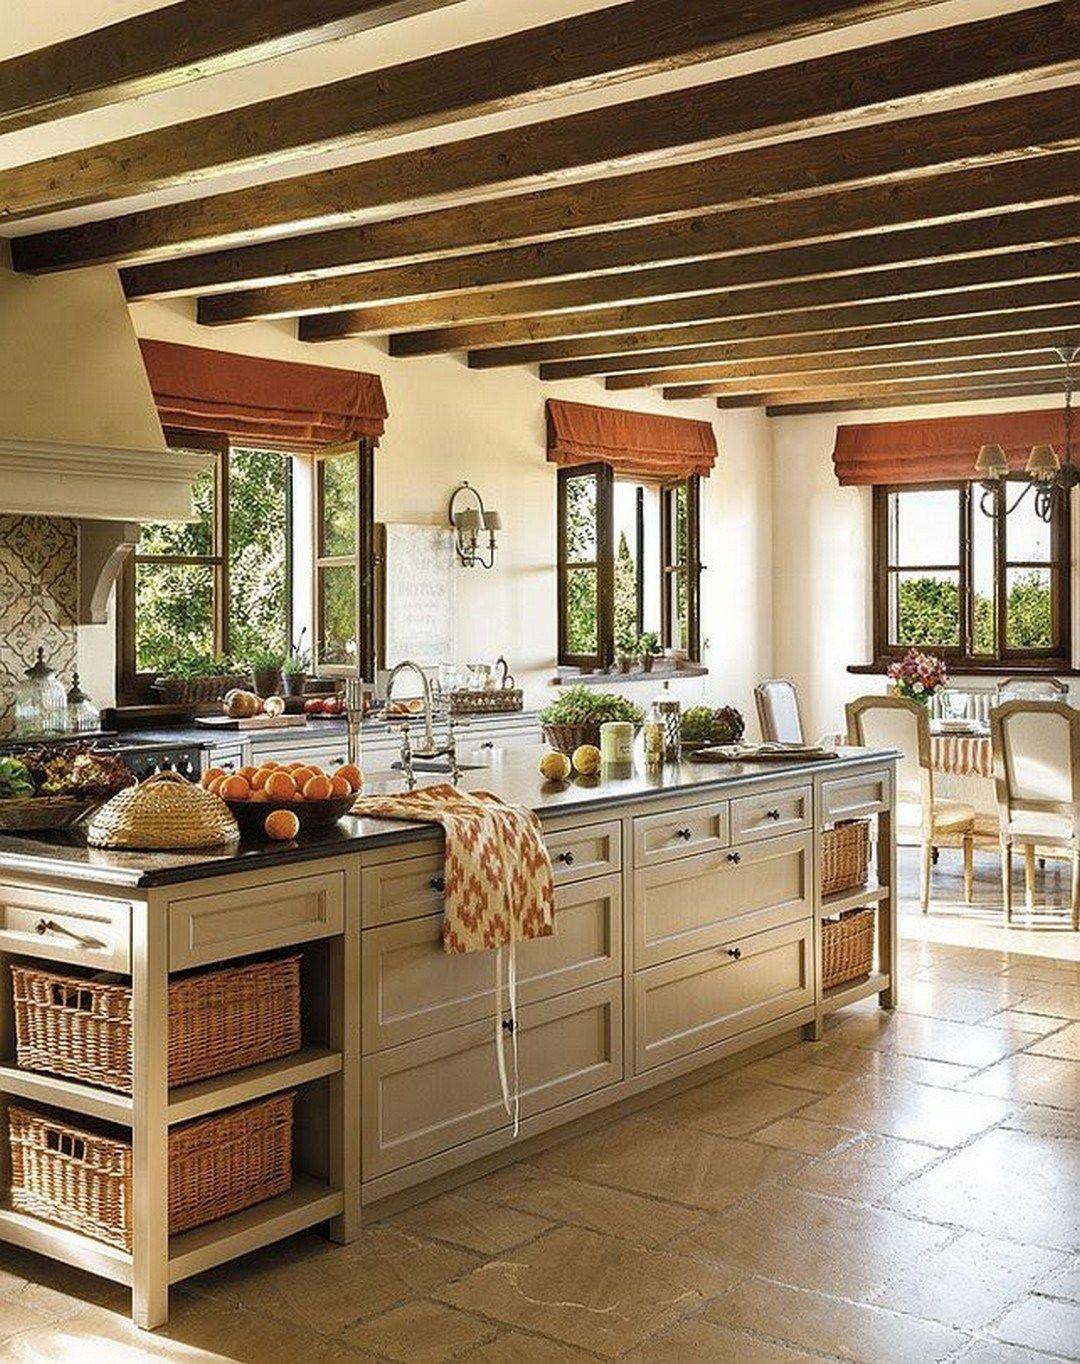 99 French Country Kitchen Modern Design Ideas 8  Kitchen Island Best European Kitchen Designs Inspiration Design